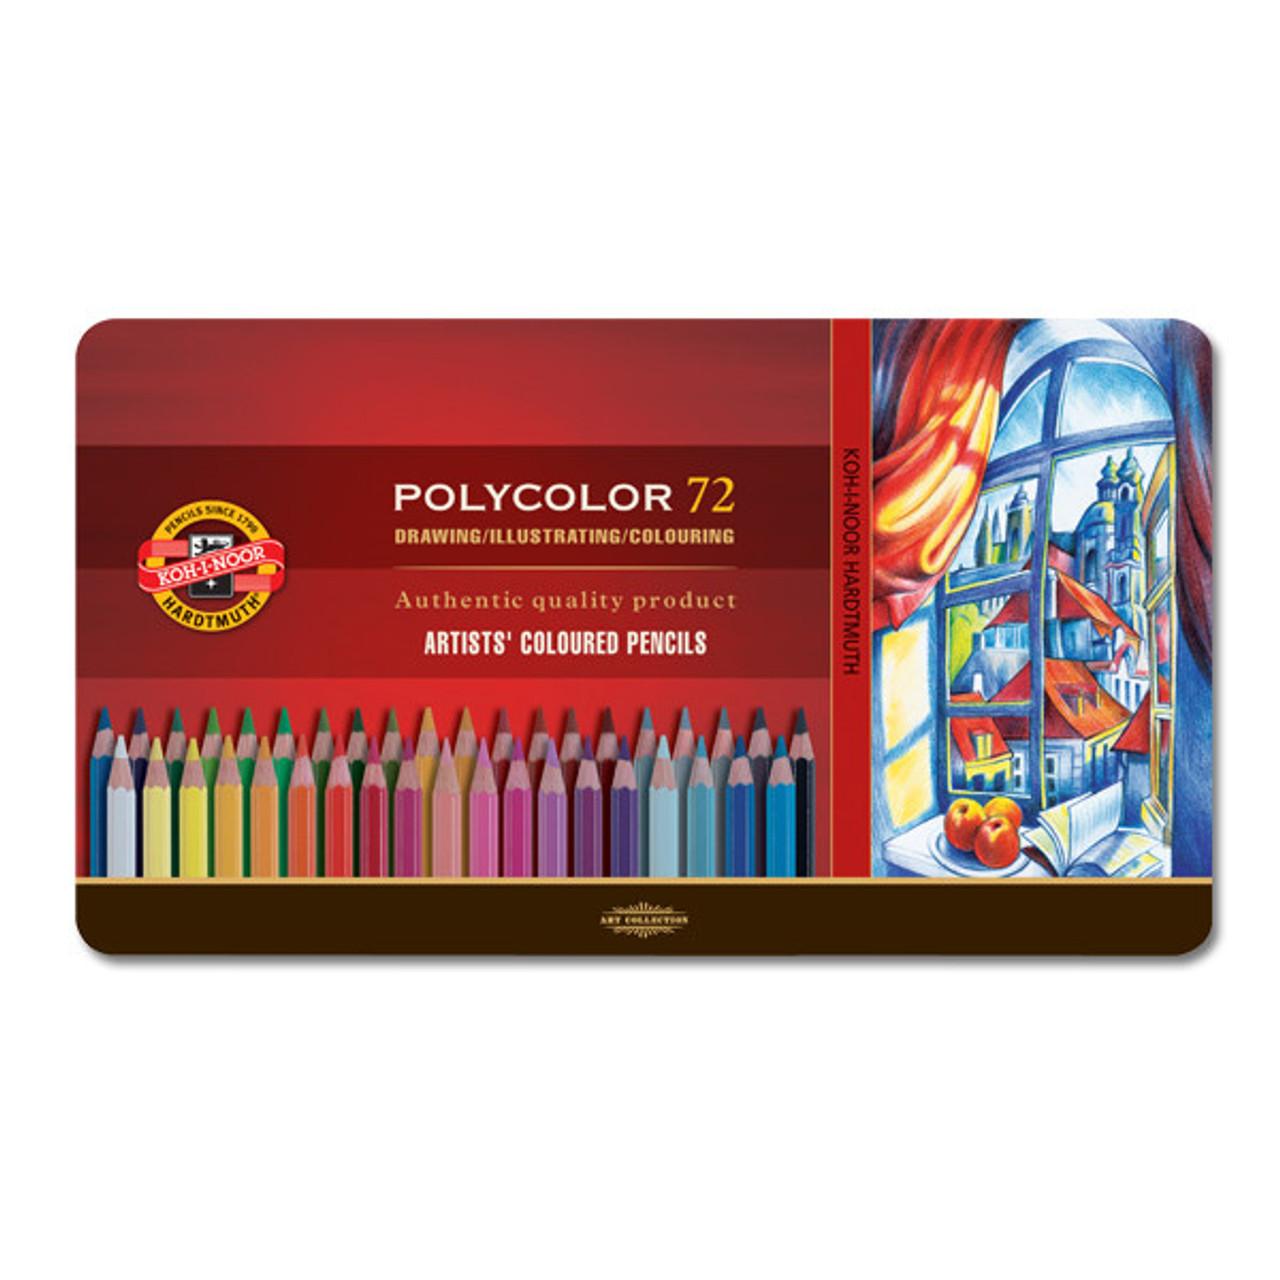 Koh-I-Noor Polycolor Pencil Tin 72-color Set